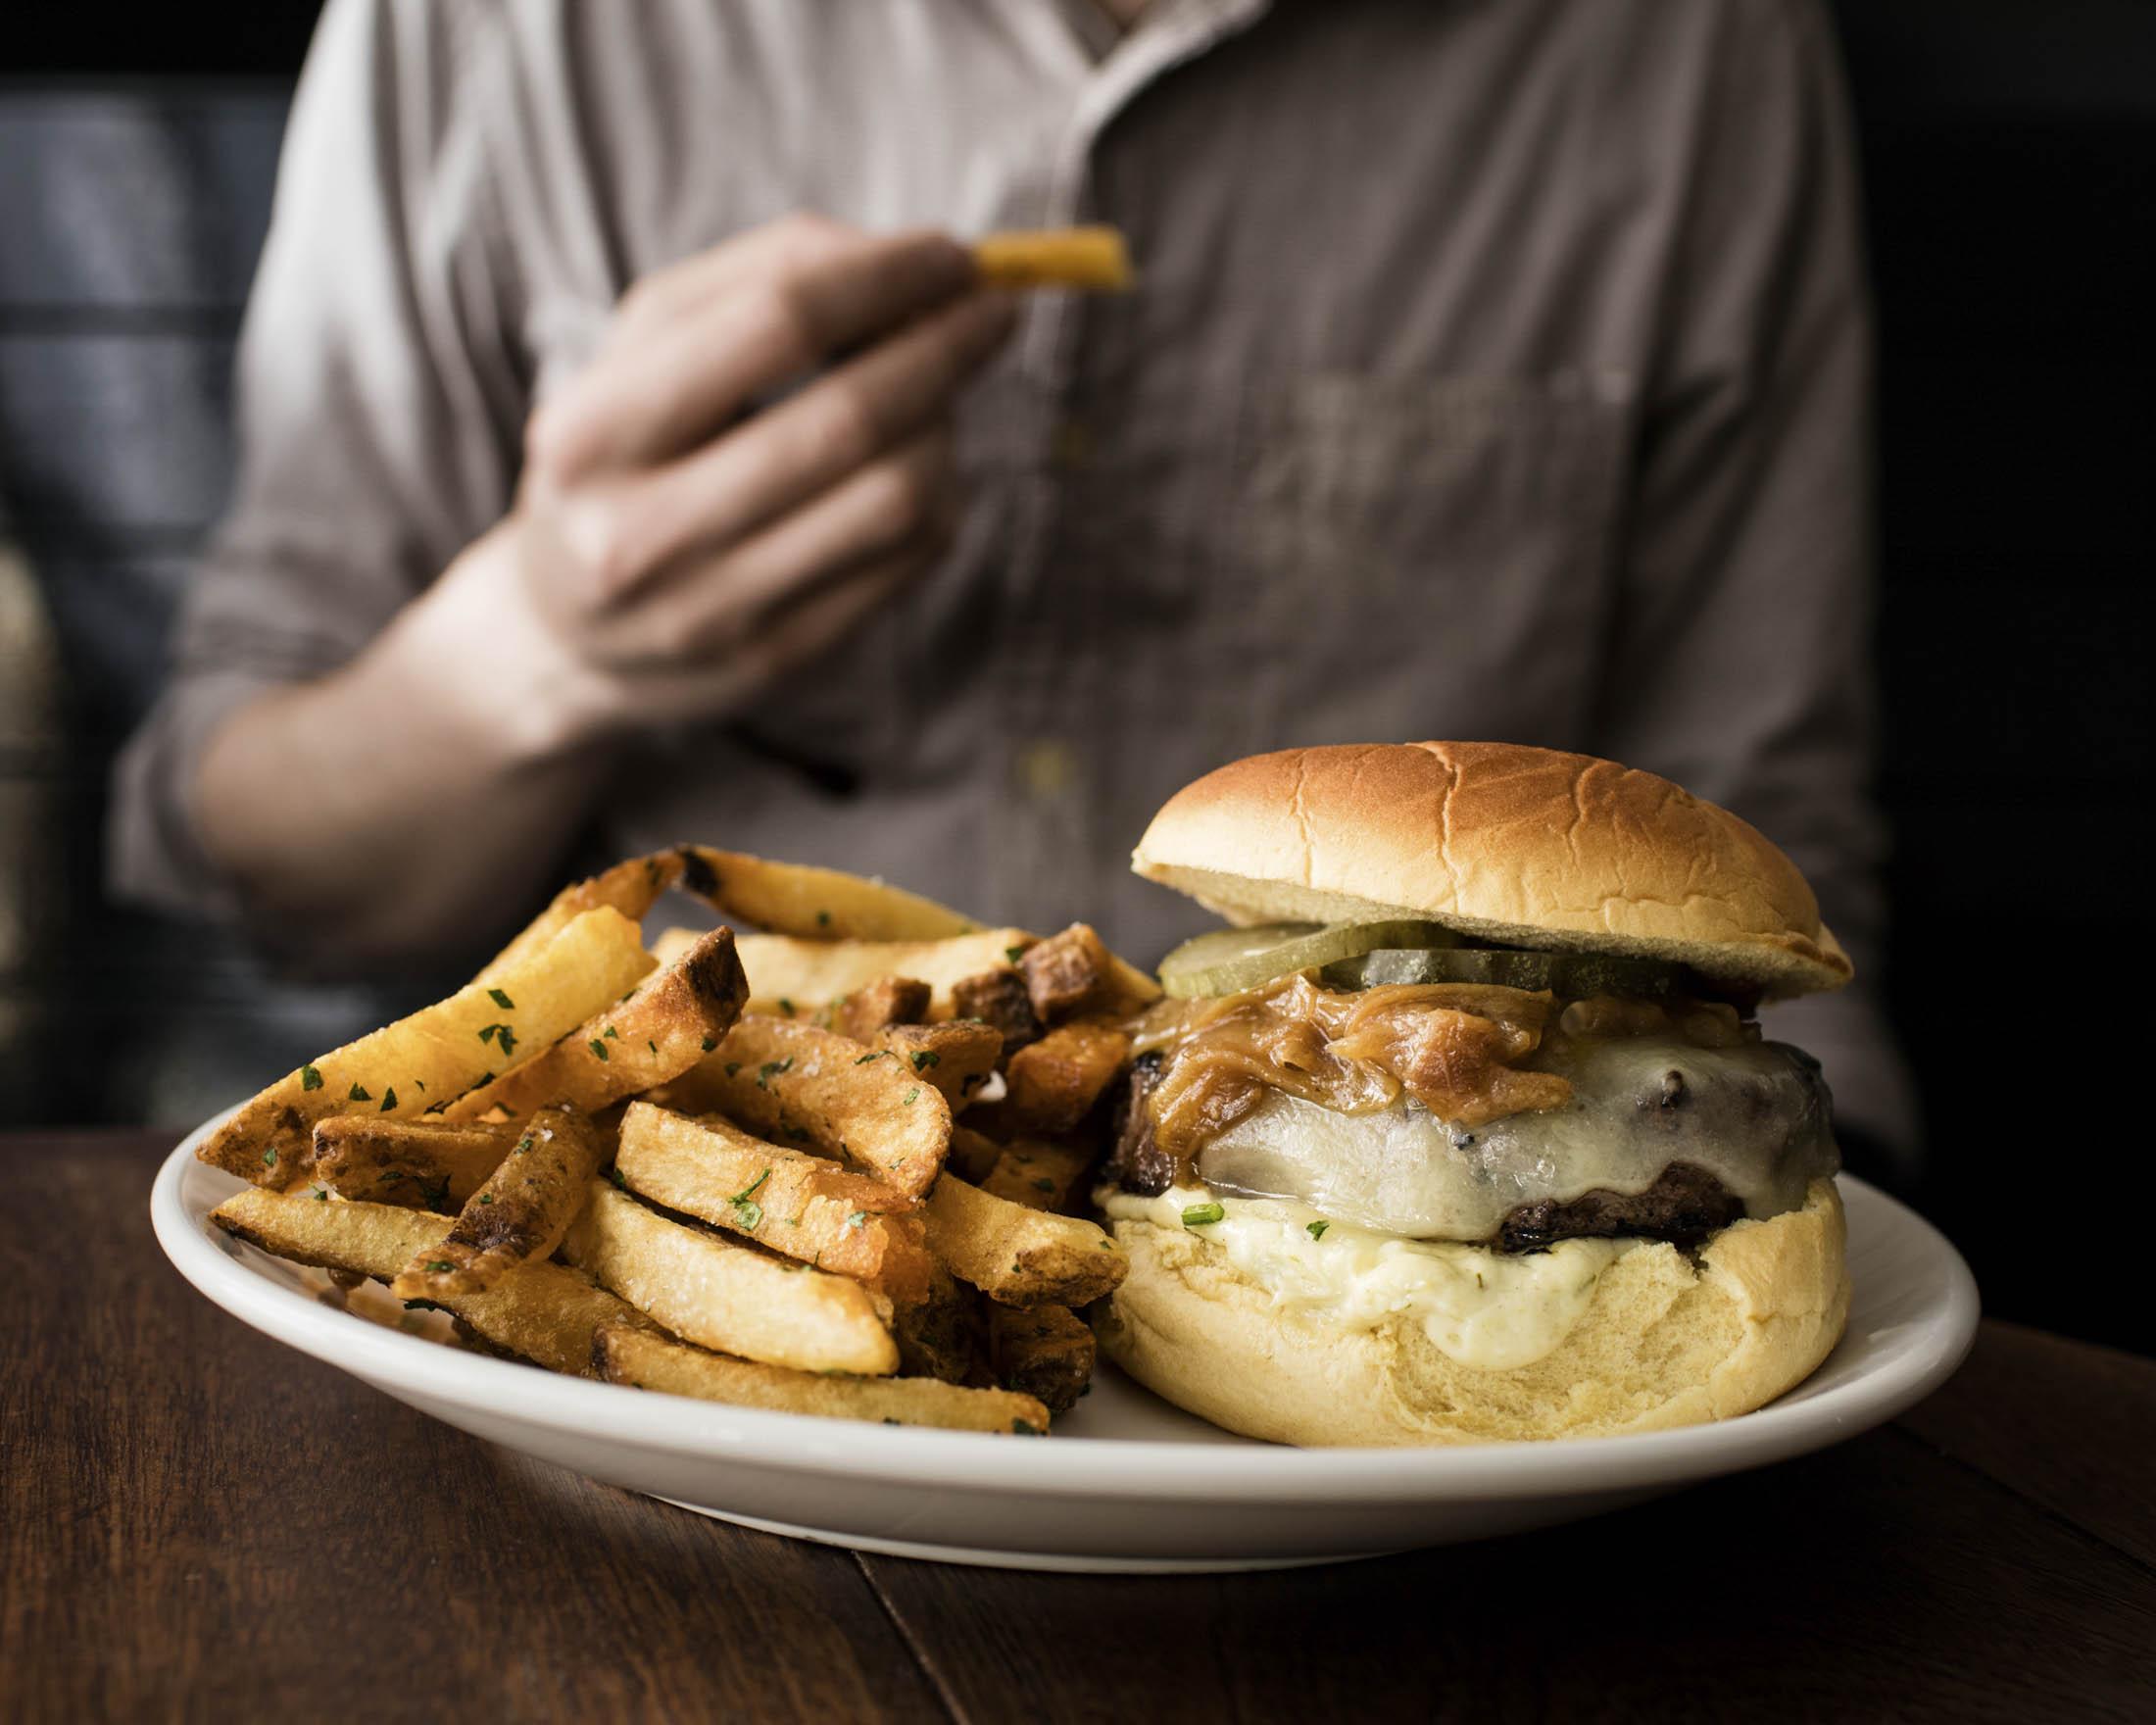 Pan-Seared Burger at GG's